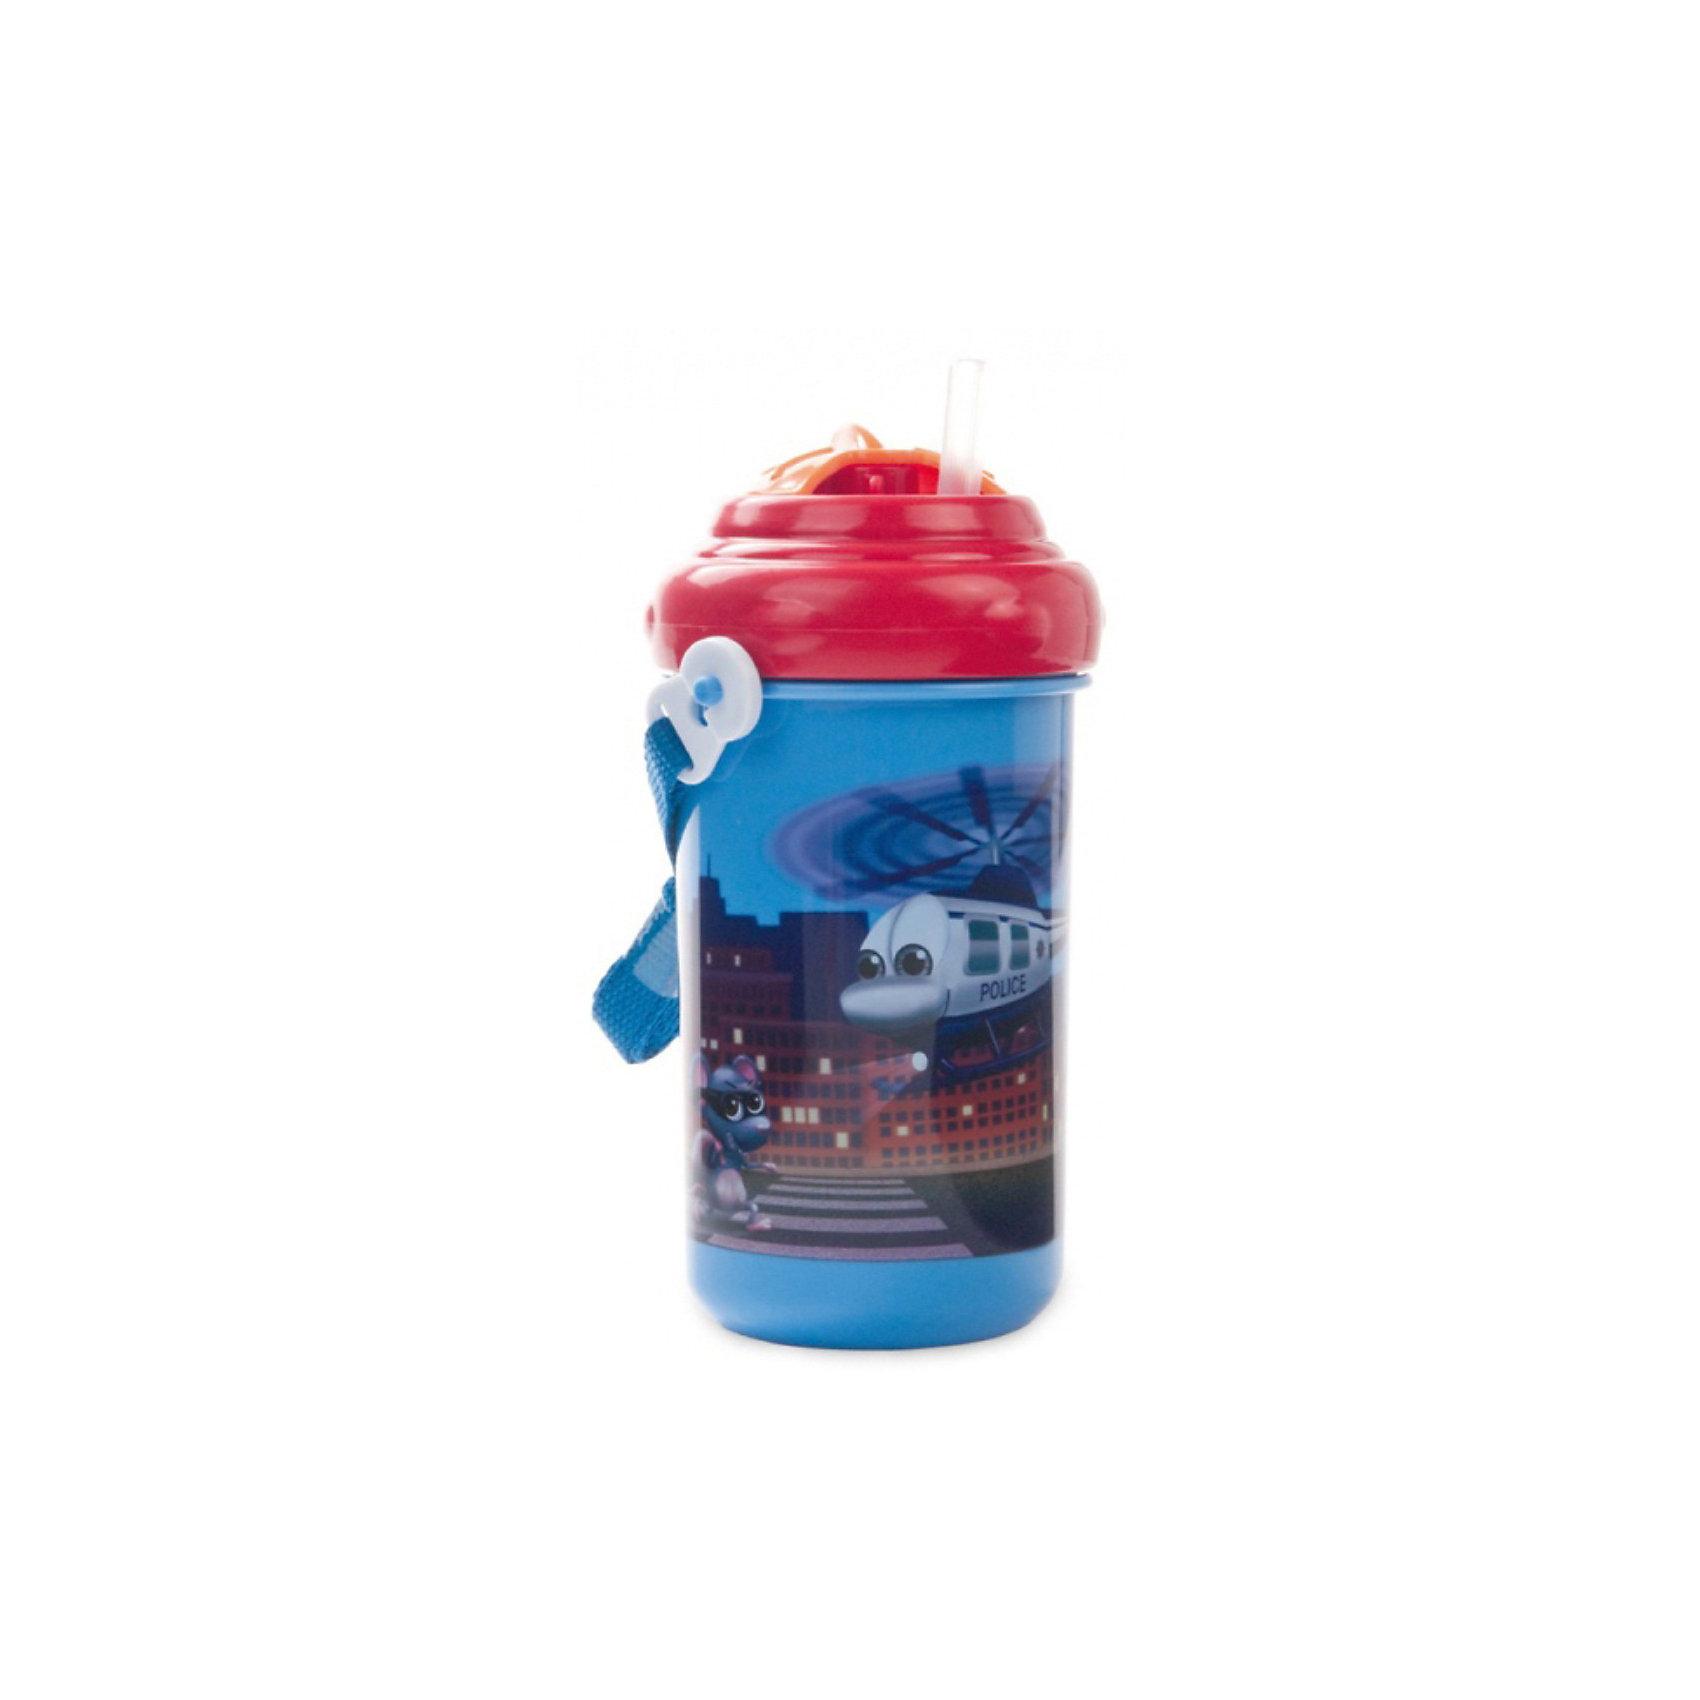 Поильник с трубочкой  Вертолёт, 400 мл., Canpol Babies, синий/красныйПоильник с трубочкой Canpol Babies позволит Вашему ребенку легко утолить жажду, не бояться при этом облиться!<br>Поильник имеет яркий дизайн, который обязательно понравится Вашему малышу! Оснащён не только трубочкой, но и удобным ремешком для переноски, например, во время прогулки. Вы можете сложить трубочку, повернув завинчивающуюся крышечку для поддержания необходимой гигиены.<br>Поильник выполнен из безопасного пластика и его можно мыть в посудомоечной машине. <br>Поильник идеально подходит не только для детей старшего возраста, но и для деток, которые только начинаю пить самостоятельно. Его также можно использовать и без крышки, как стаканчик.<br>Объем: 400 мл.<br><br>Поильник с трубочкой Canpol Babies можно купить в нашем интернет-магазине.<br><br>Ширина мм: 165<br>Глубина мм: 165<br>Высота мм: 80<br>Вес г: 128<br>Возраст от месяцев: 12<br>Возраст до месяцев: 36<br>Пол: Унисекс<br>Возраст: Детский<br>SKU: 3921591